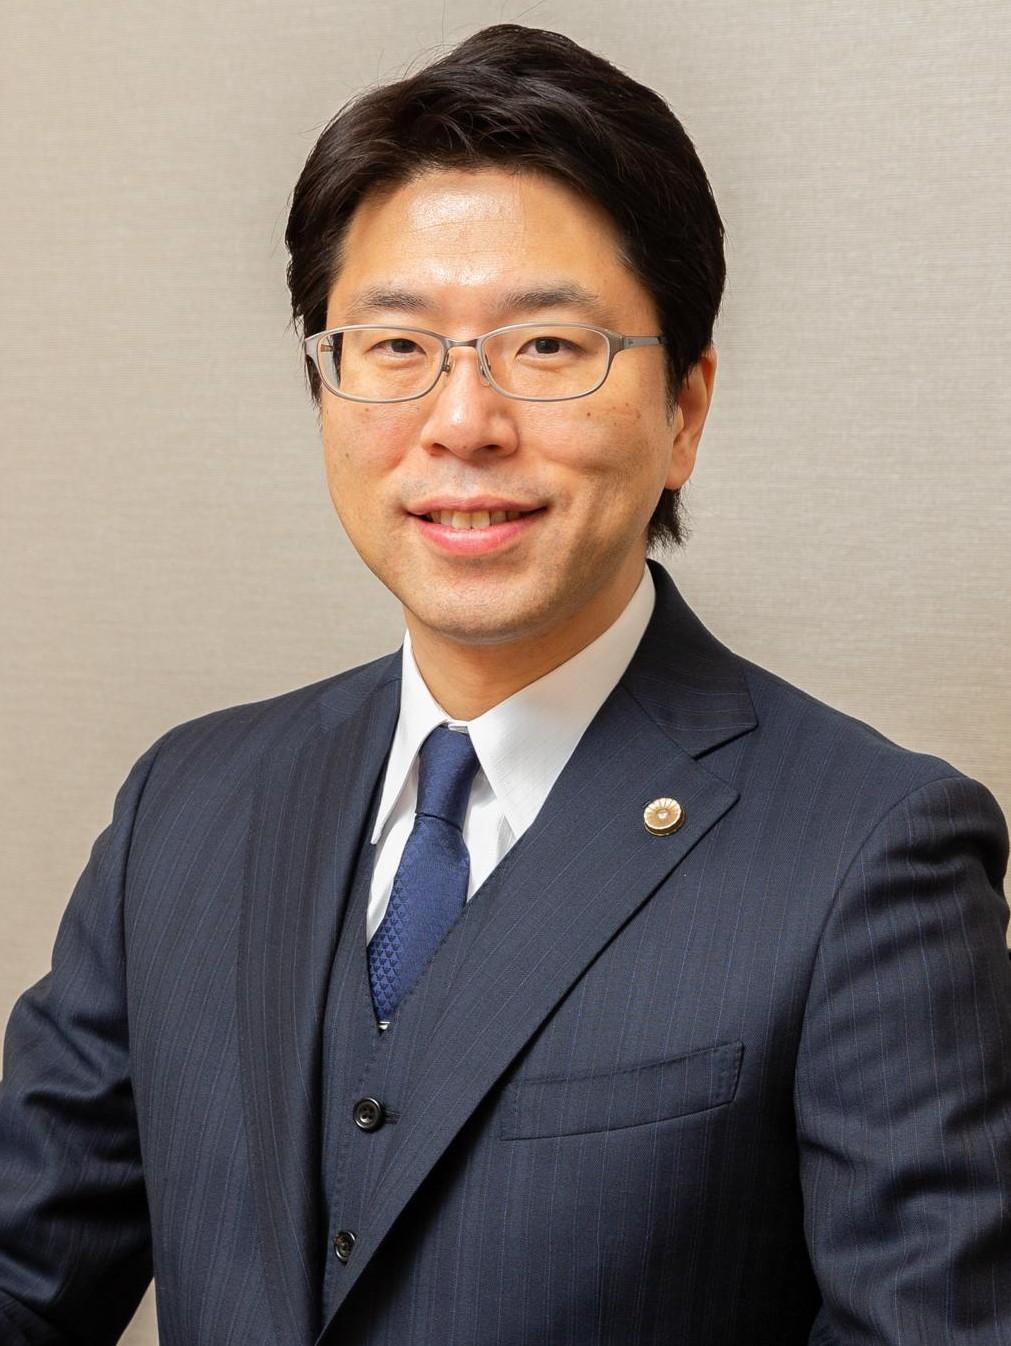 弁護士法人リブラ共同法律事務所札幌駅前本部 菅原 仁人弁護士